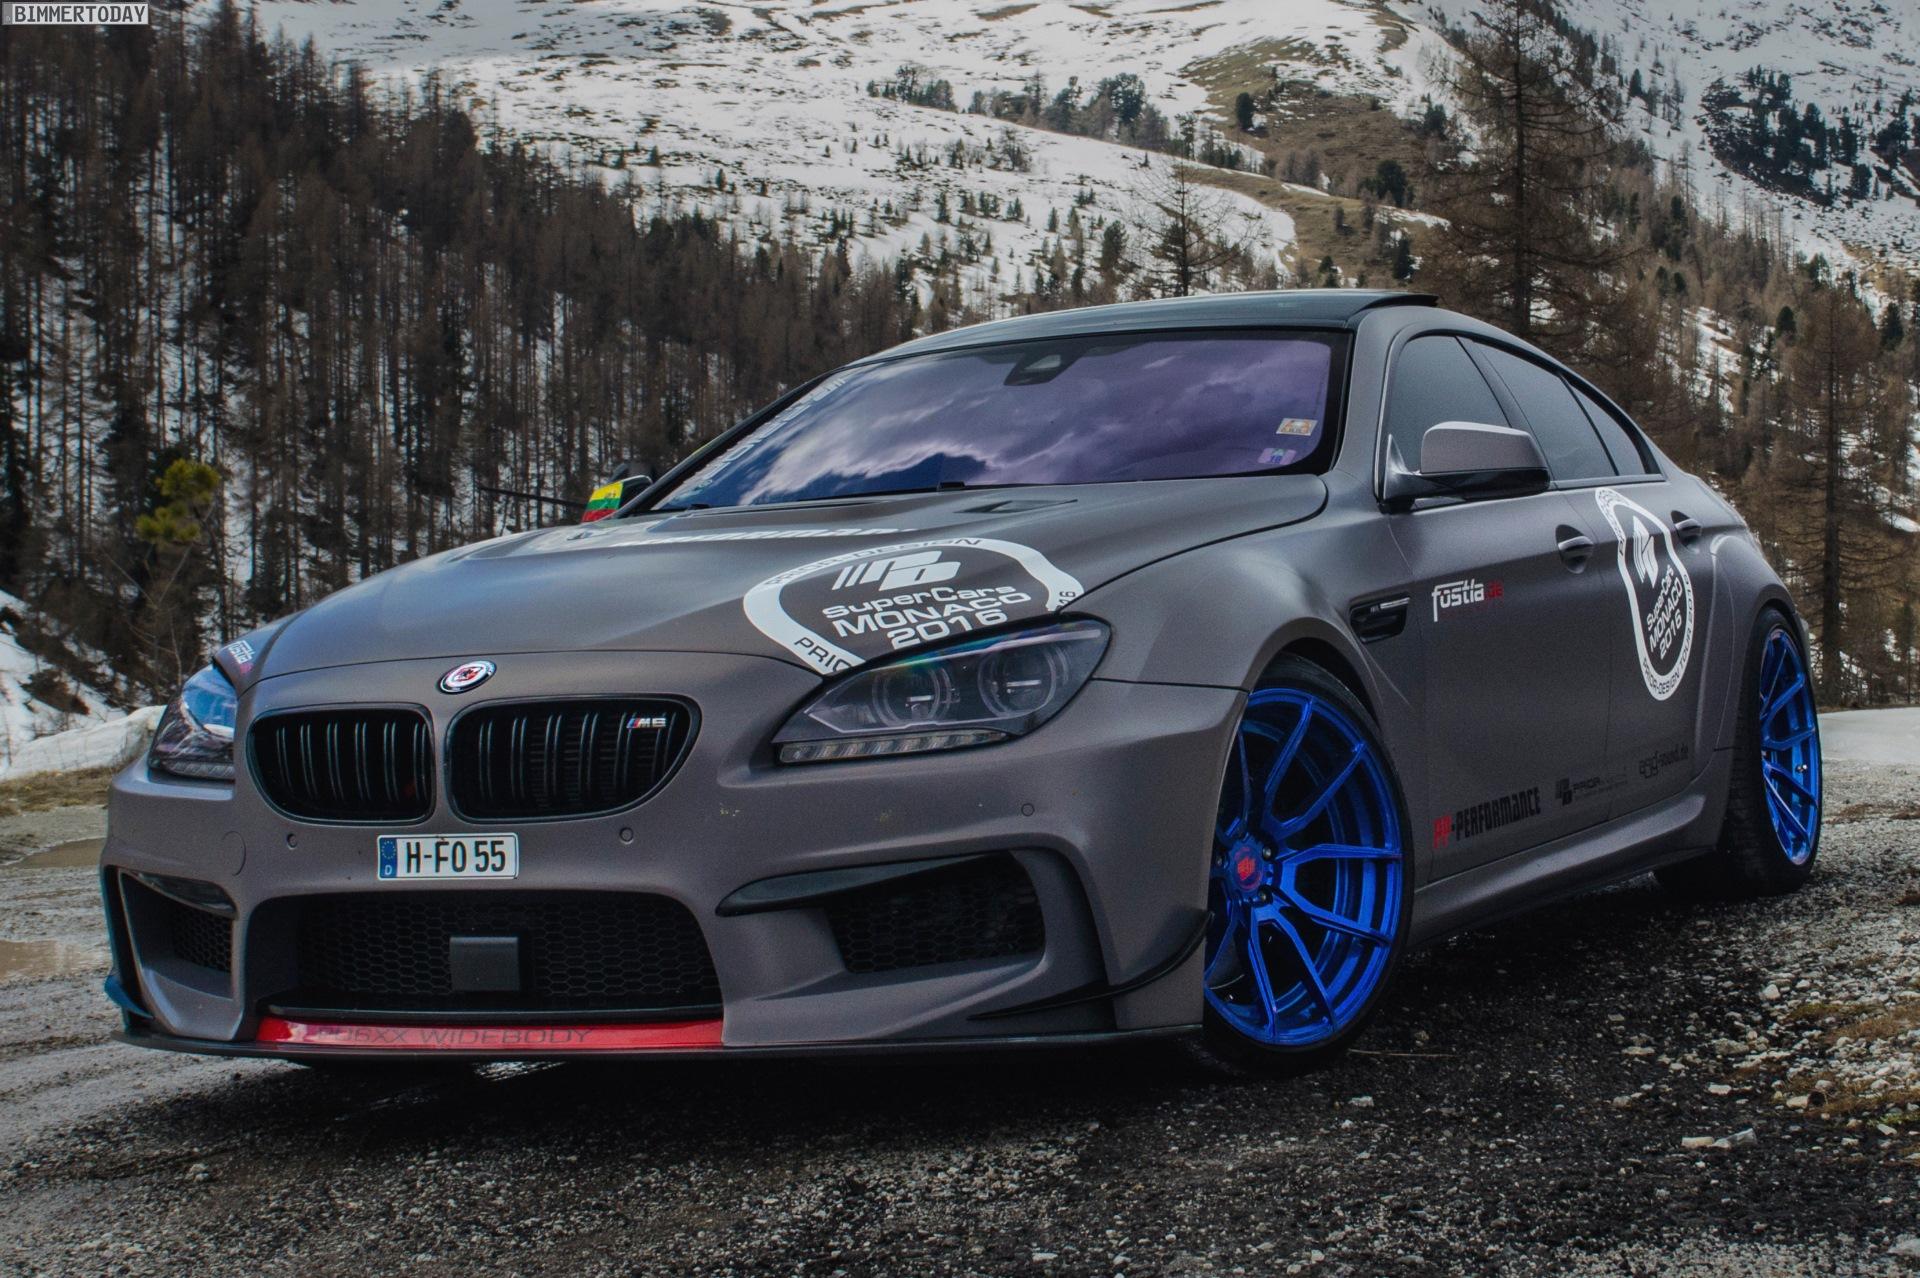 Bmw M6 Gran Coupe >> fostla.de BMW 6er Gran Coupé: Folierung trifft Bodykit PD6xx